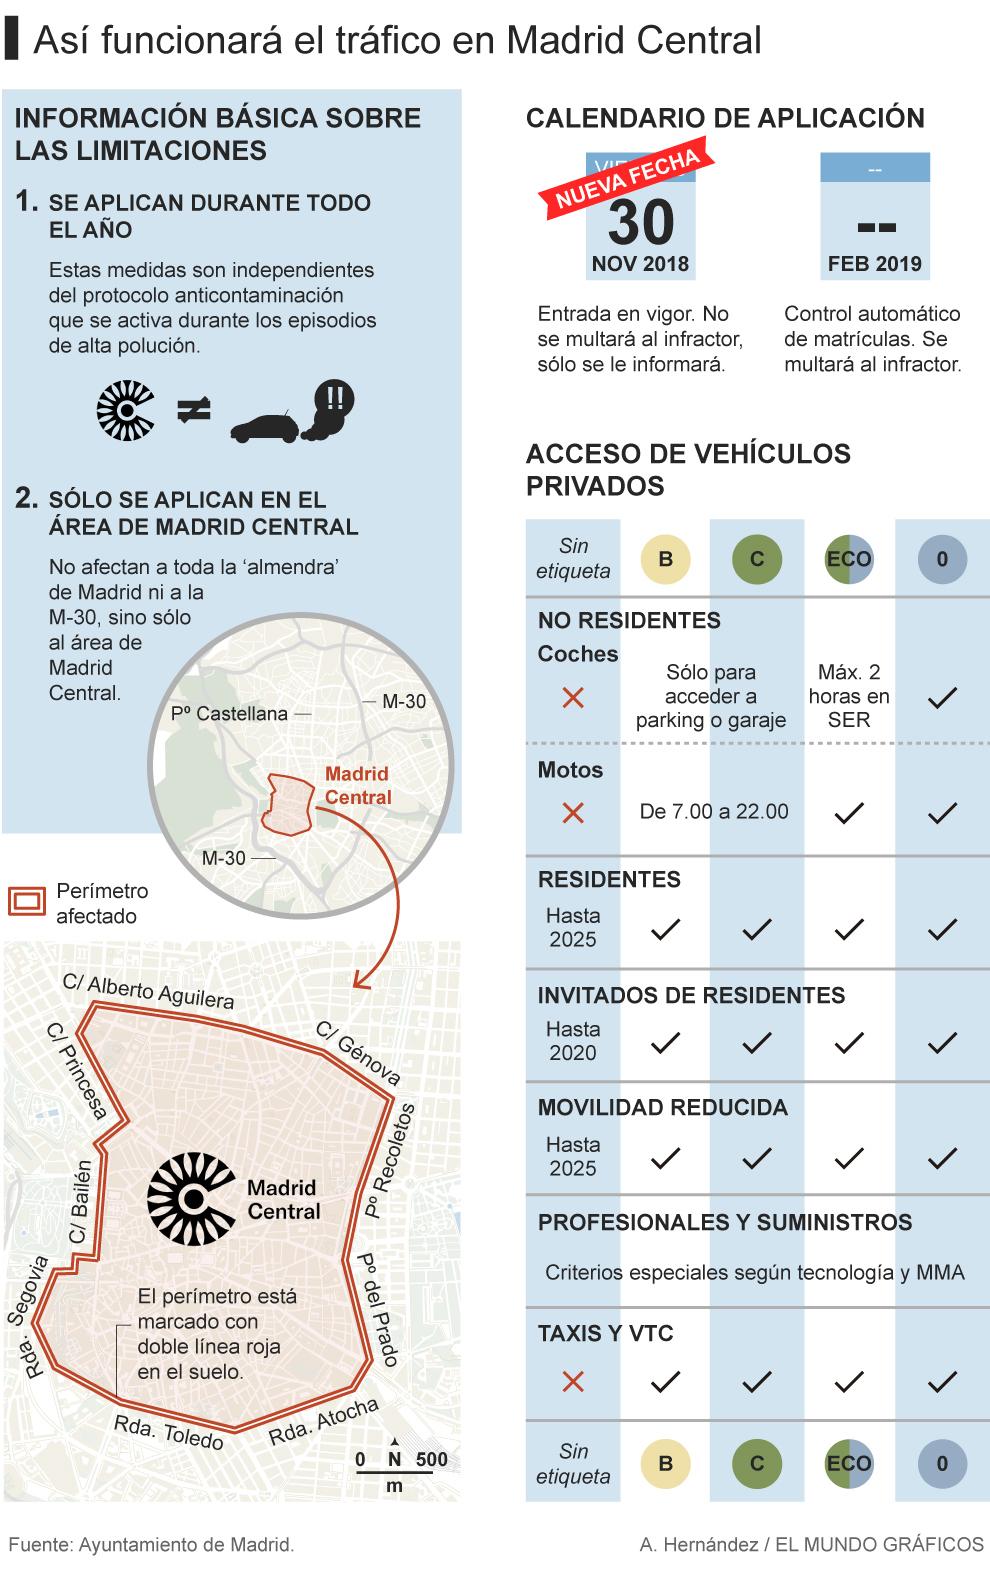 Mapa De Nombres Plano Madrid Central.El Mapa De Madrid Central Las Zonas Afectadas Por Las